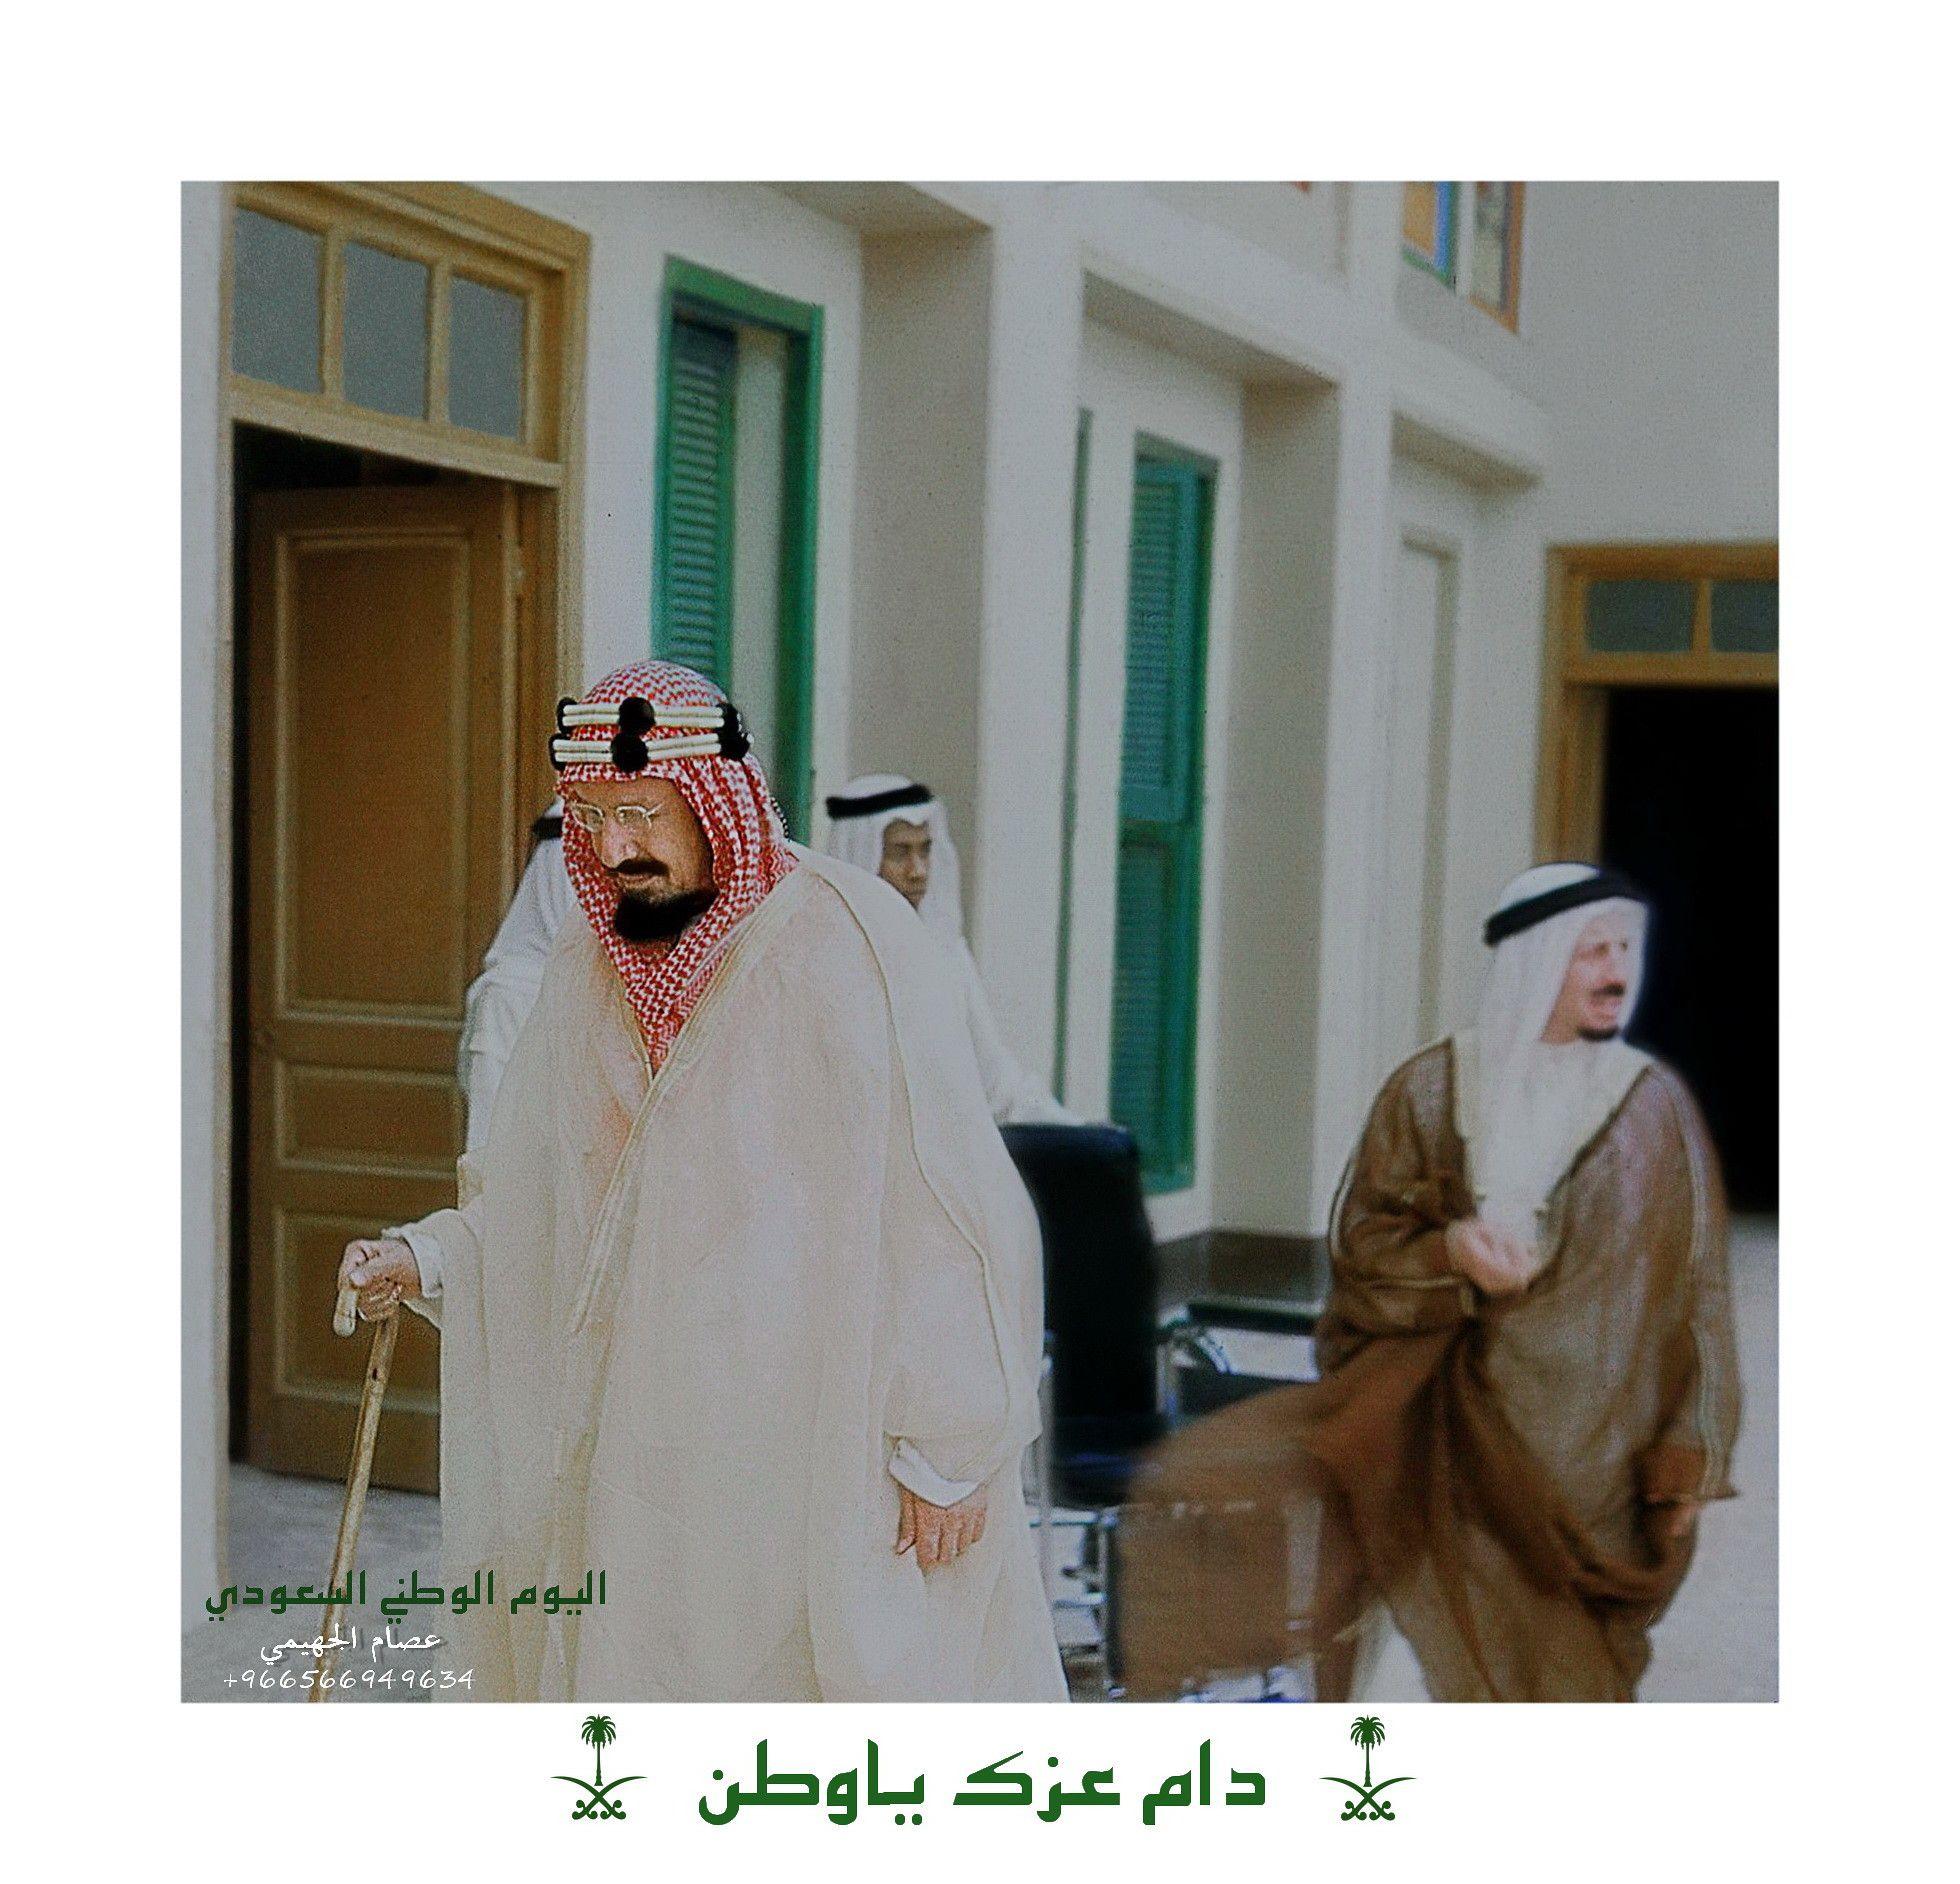 الملك عبدالعزيز بن عبدالرحمن ال سعود اليوم الوطني السعودي Victorian Dress Rare Pictures My Images